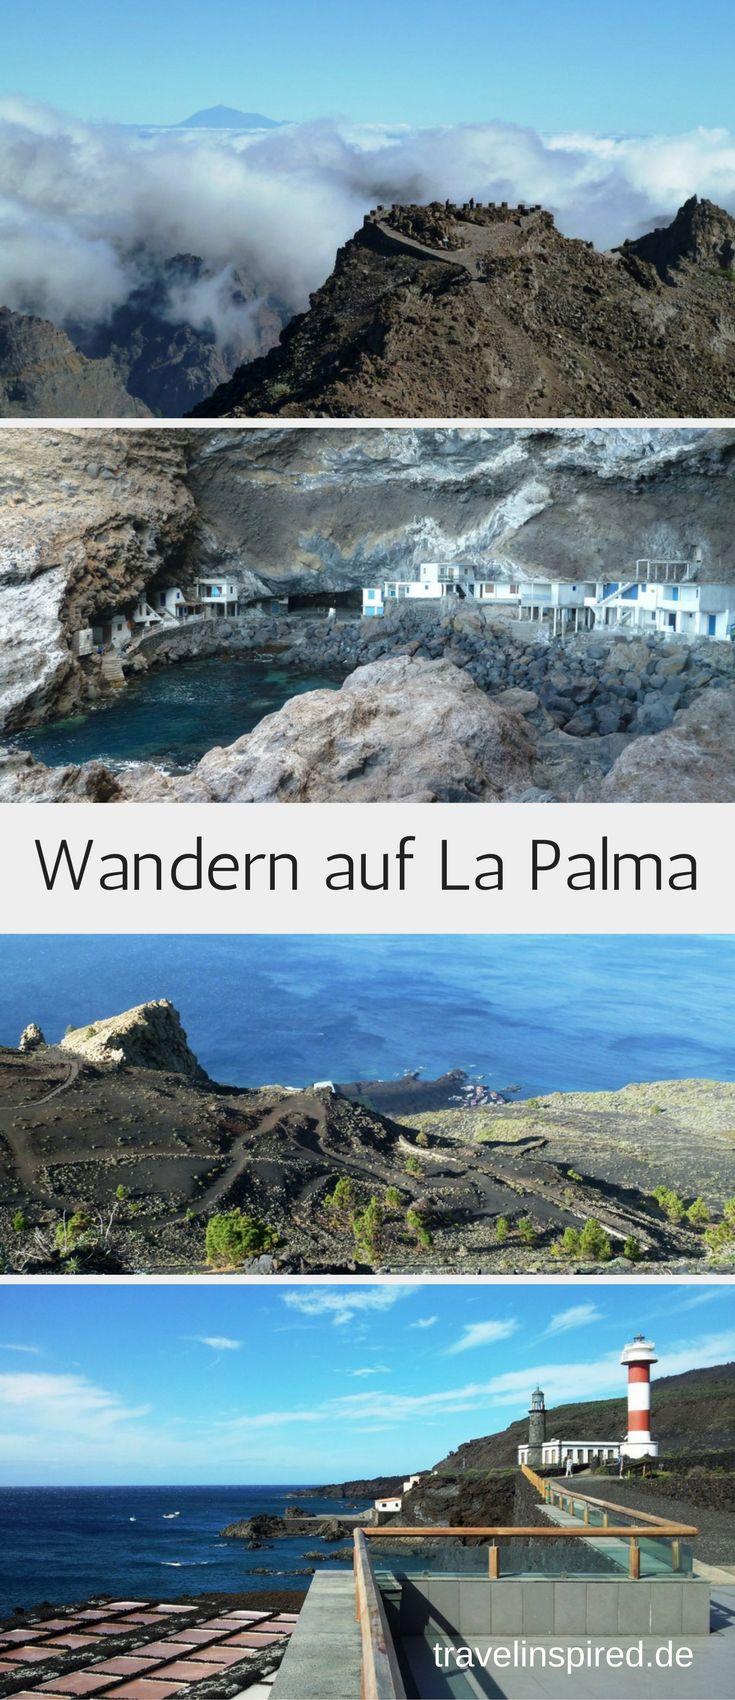 Wandern auf den Kanaren: Wir stellen dir in diesem Artikel 9 schöne Wanderungen auf La Palma vor.  Abwrechslungsreiche Wanderwege vorbei an Vulkanen, Steilküsten, Bananenplantagen, durch Wälder oder zu einer einsamen Schmugglerbucht. #lapalma #wandern #kanaren #reisen